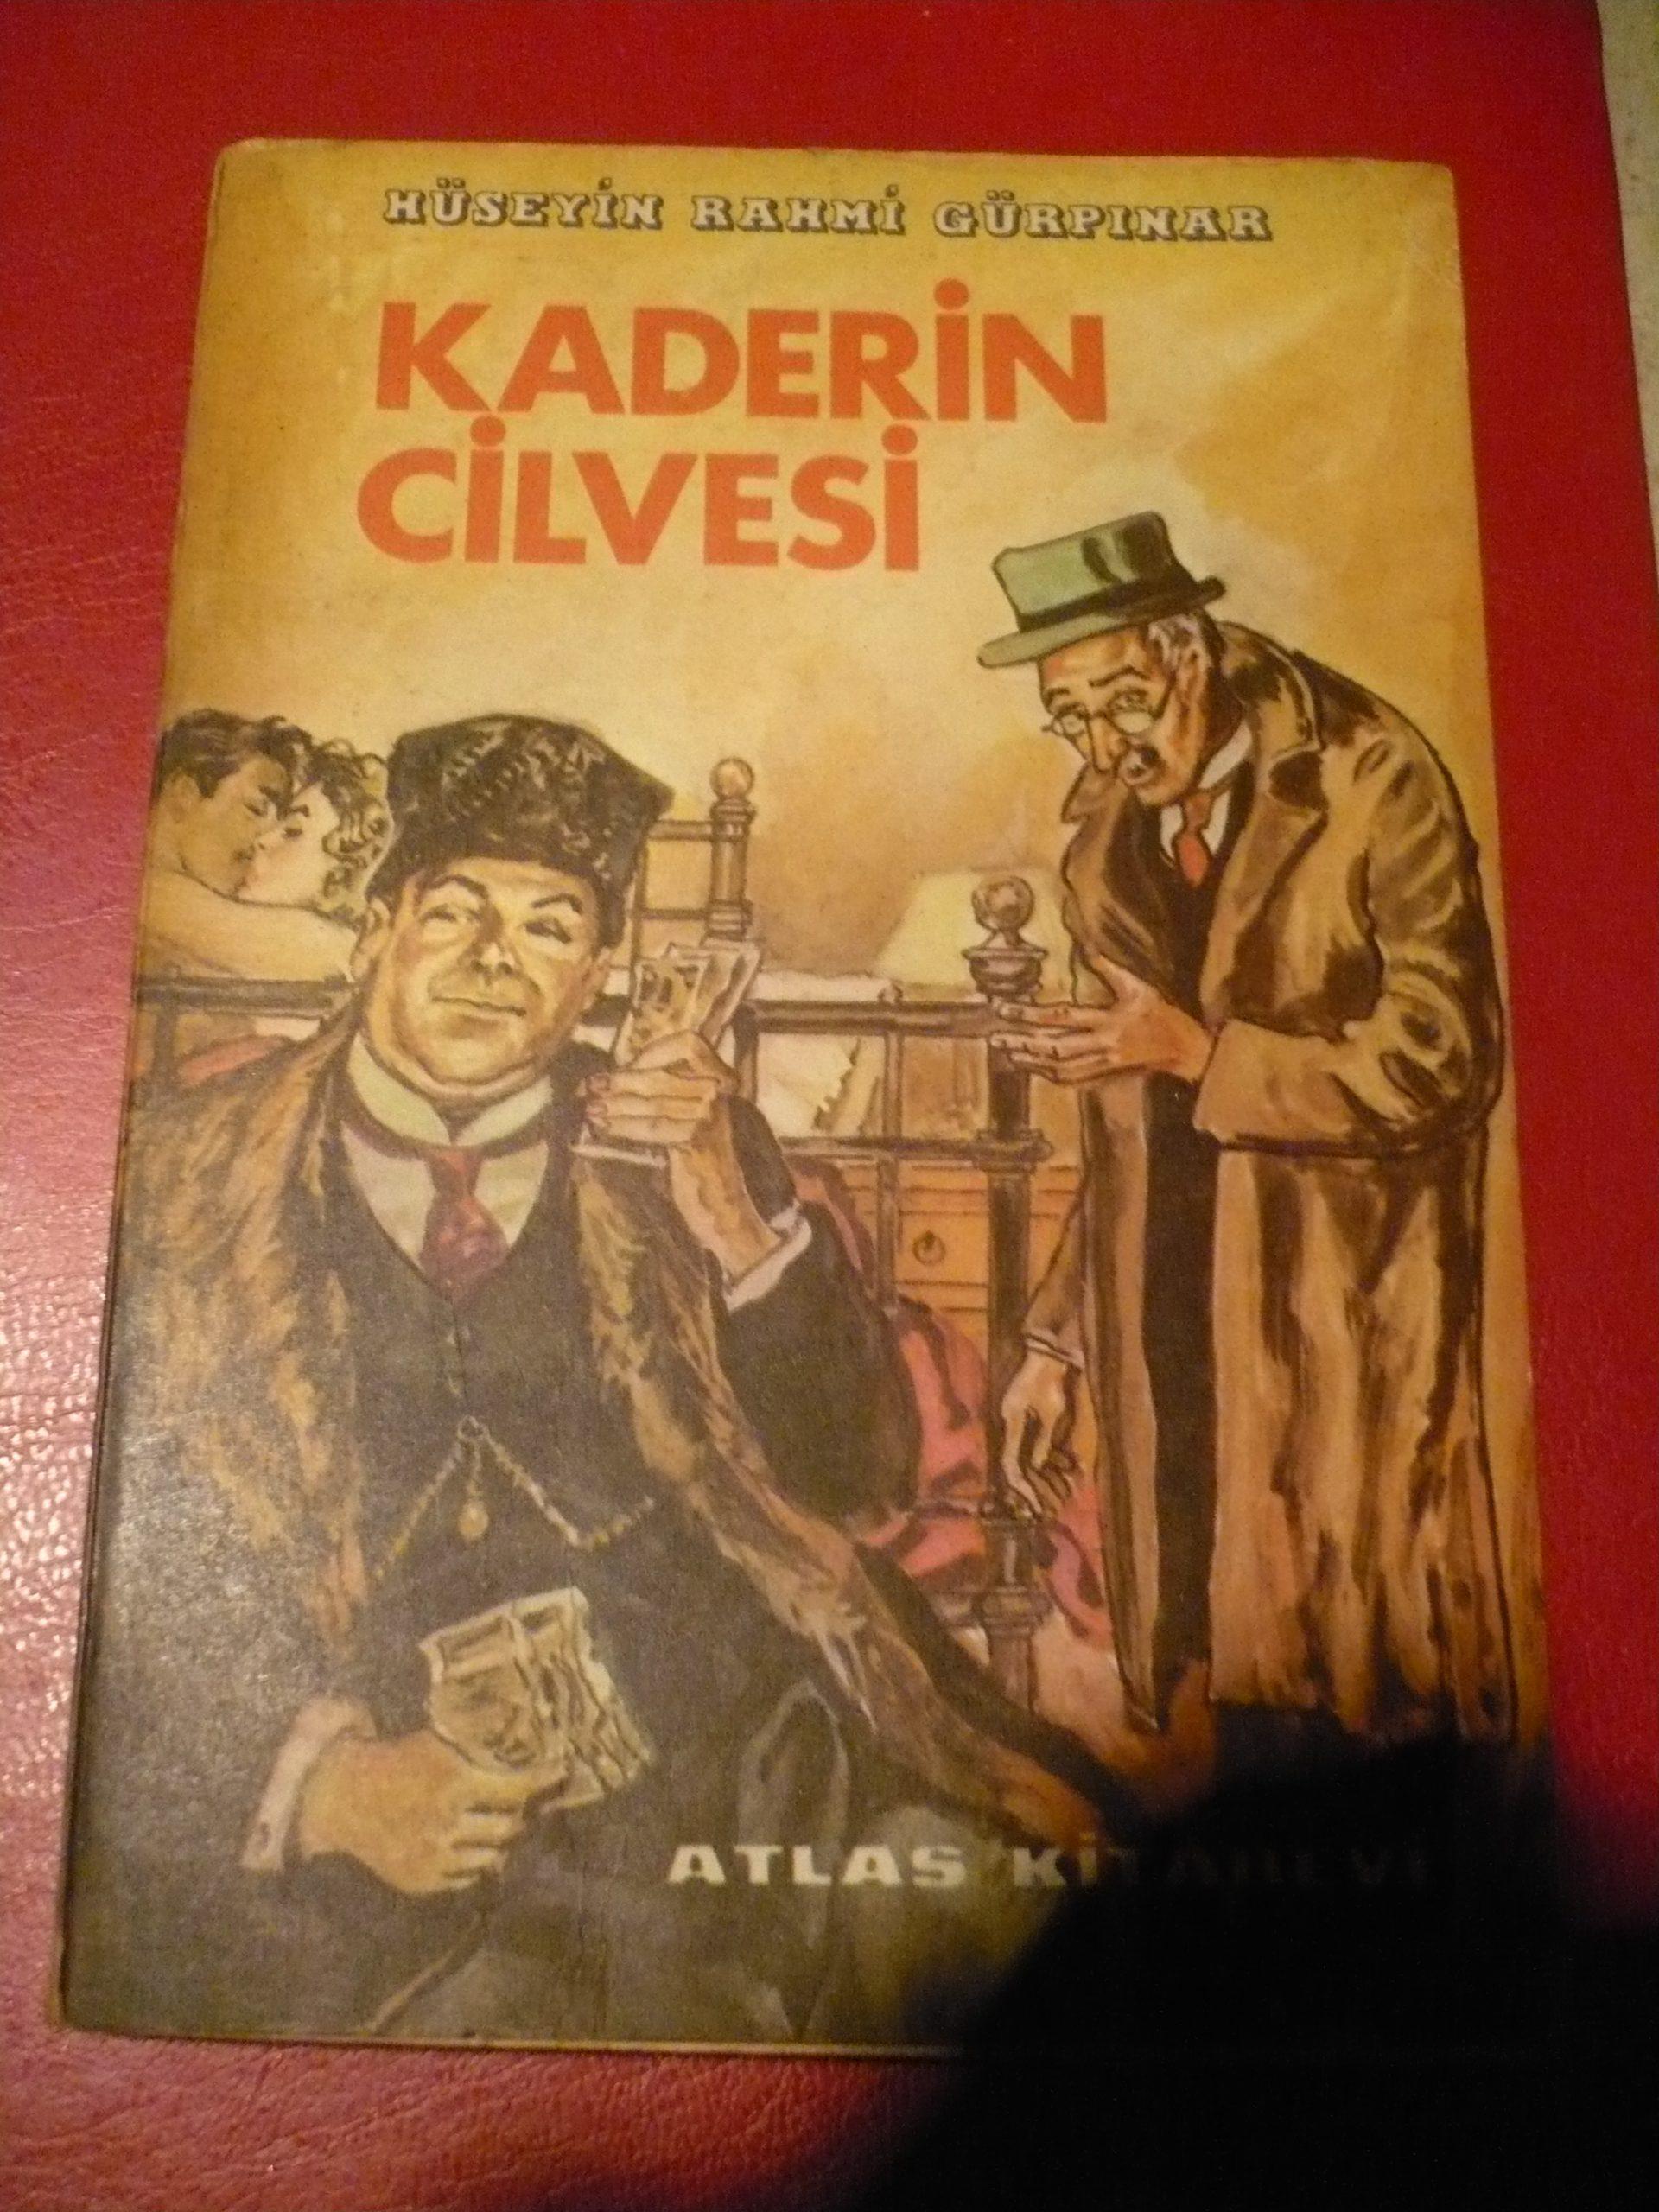 KADERİN CİLVESİ/Hüseyin Rahmi GÜRPINAR/10 TL